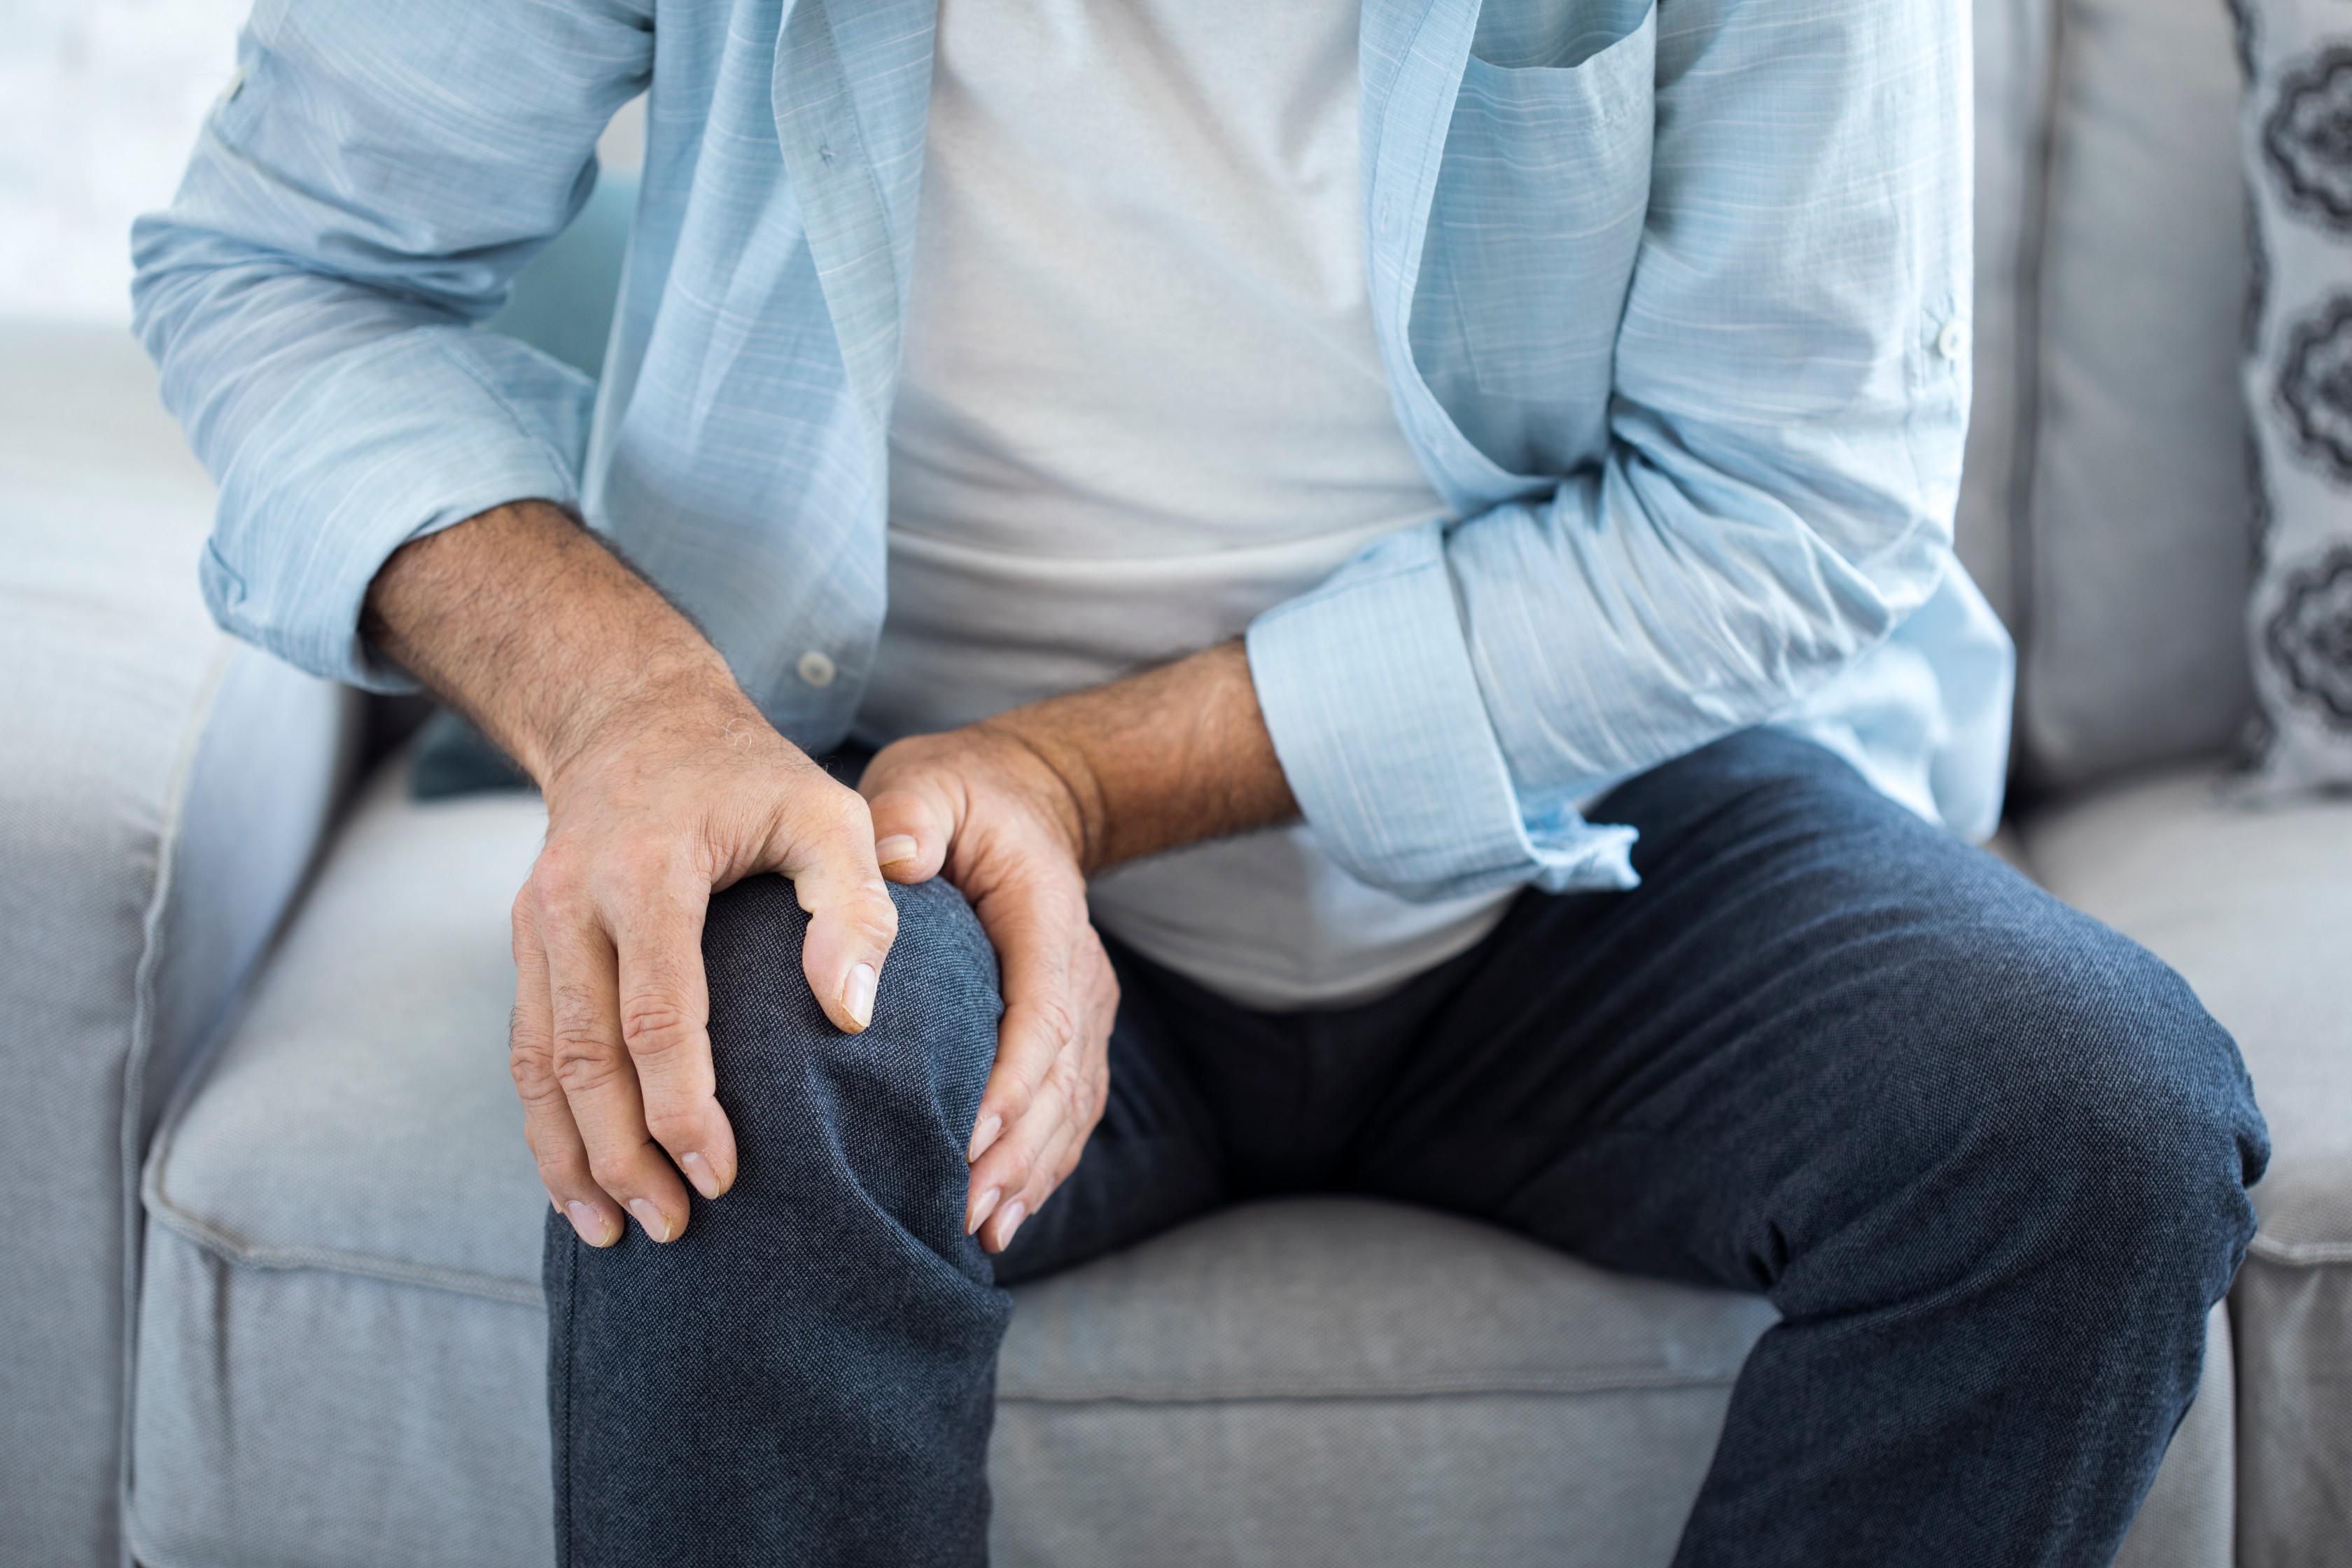 csípőizületi gyulladás gyógyszeres kezelése glükozamin-kondroitin összetétel ára